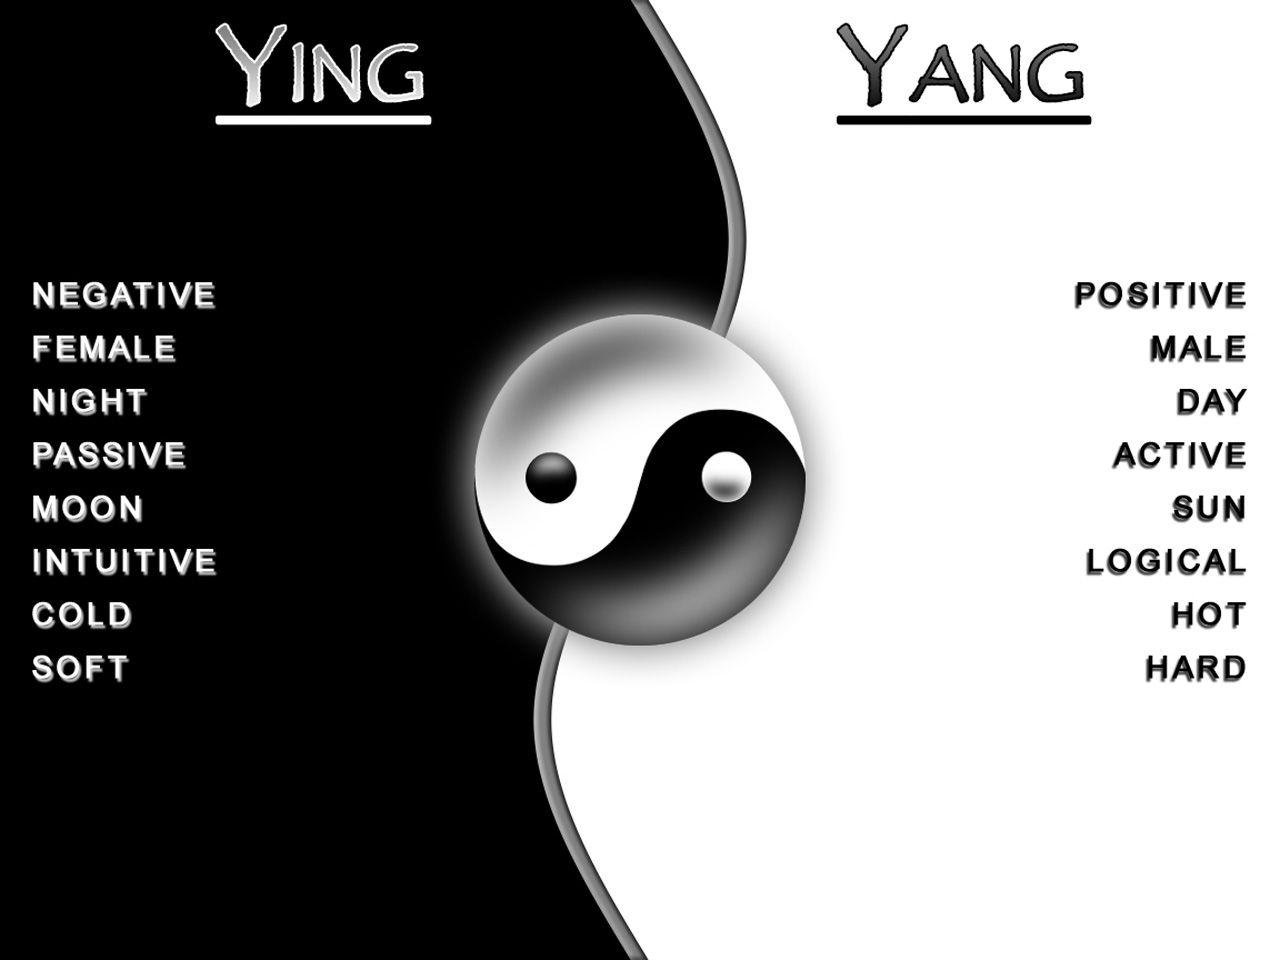 Pin By Llitastar On Symbols Ying Yang Symbol Yin Yang Ying Yang